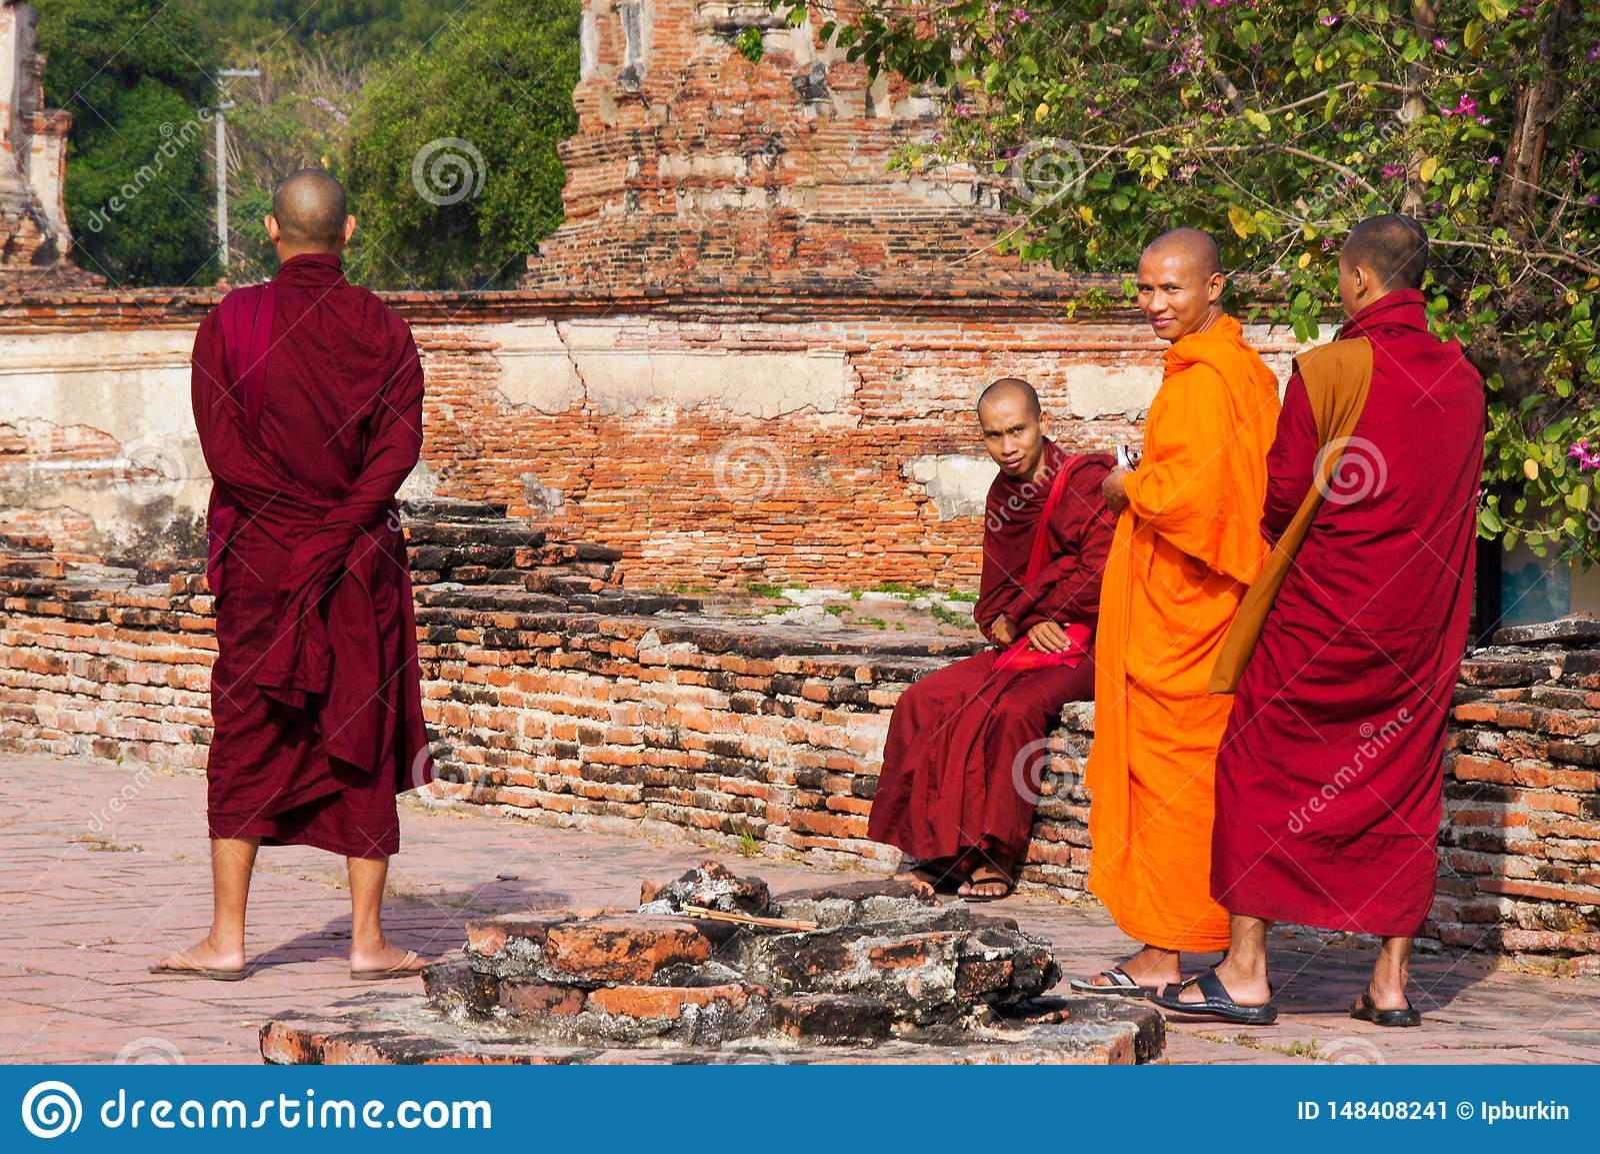 Boeddhistische monniken die in lange robes in het Park in Thailand lopen